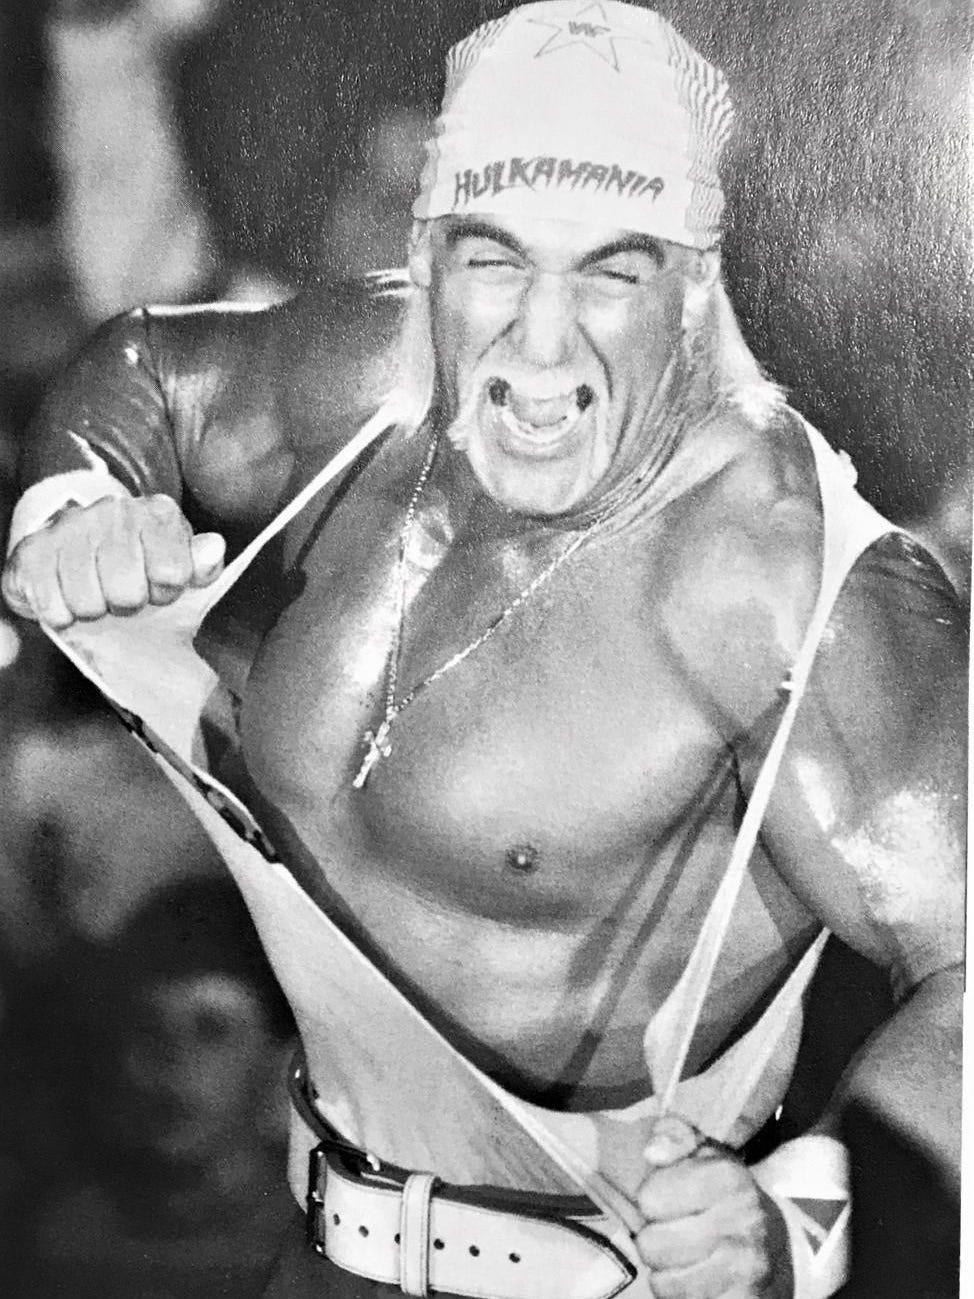 Aug. 11, 1953: Happy Birthday, Hulk Hogan